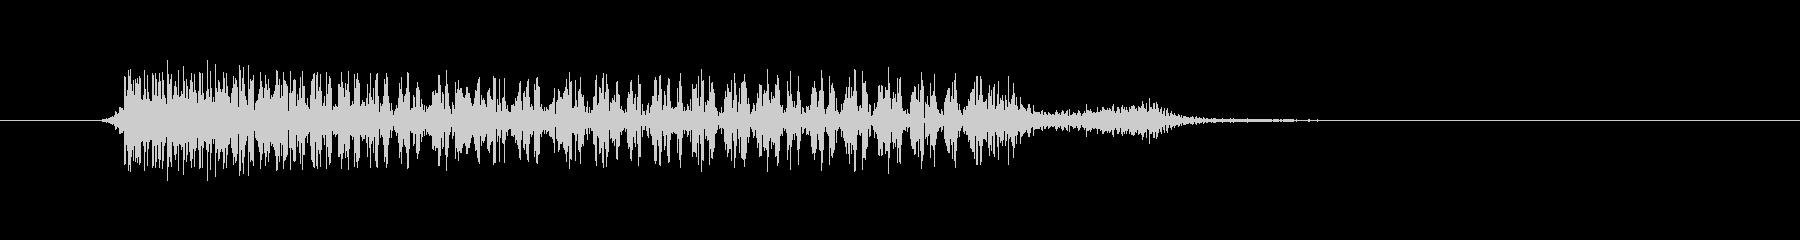 クロヒョウ ヤンググラントディープ05の未再生の波形